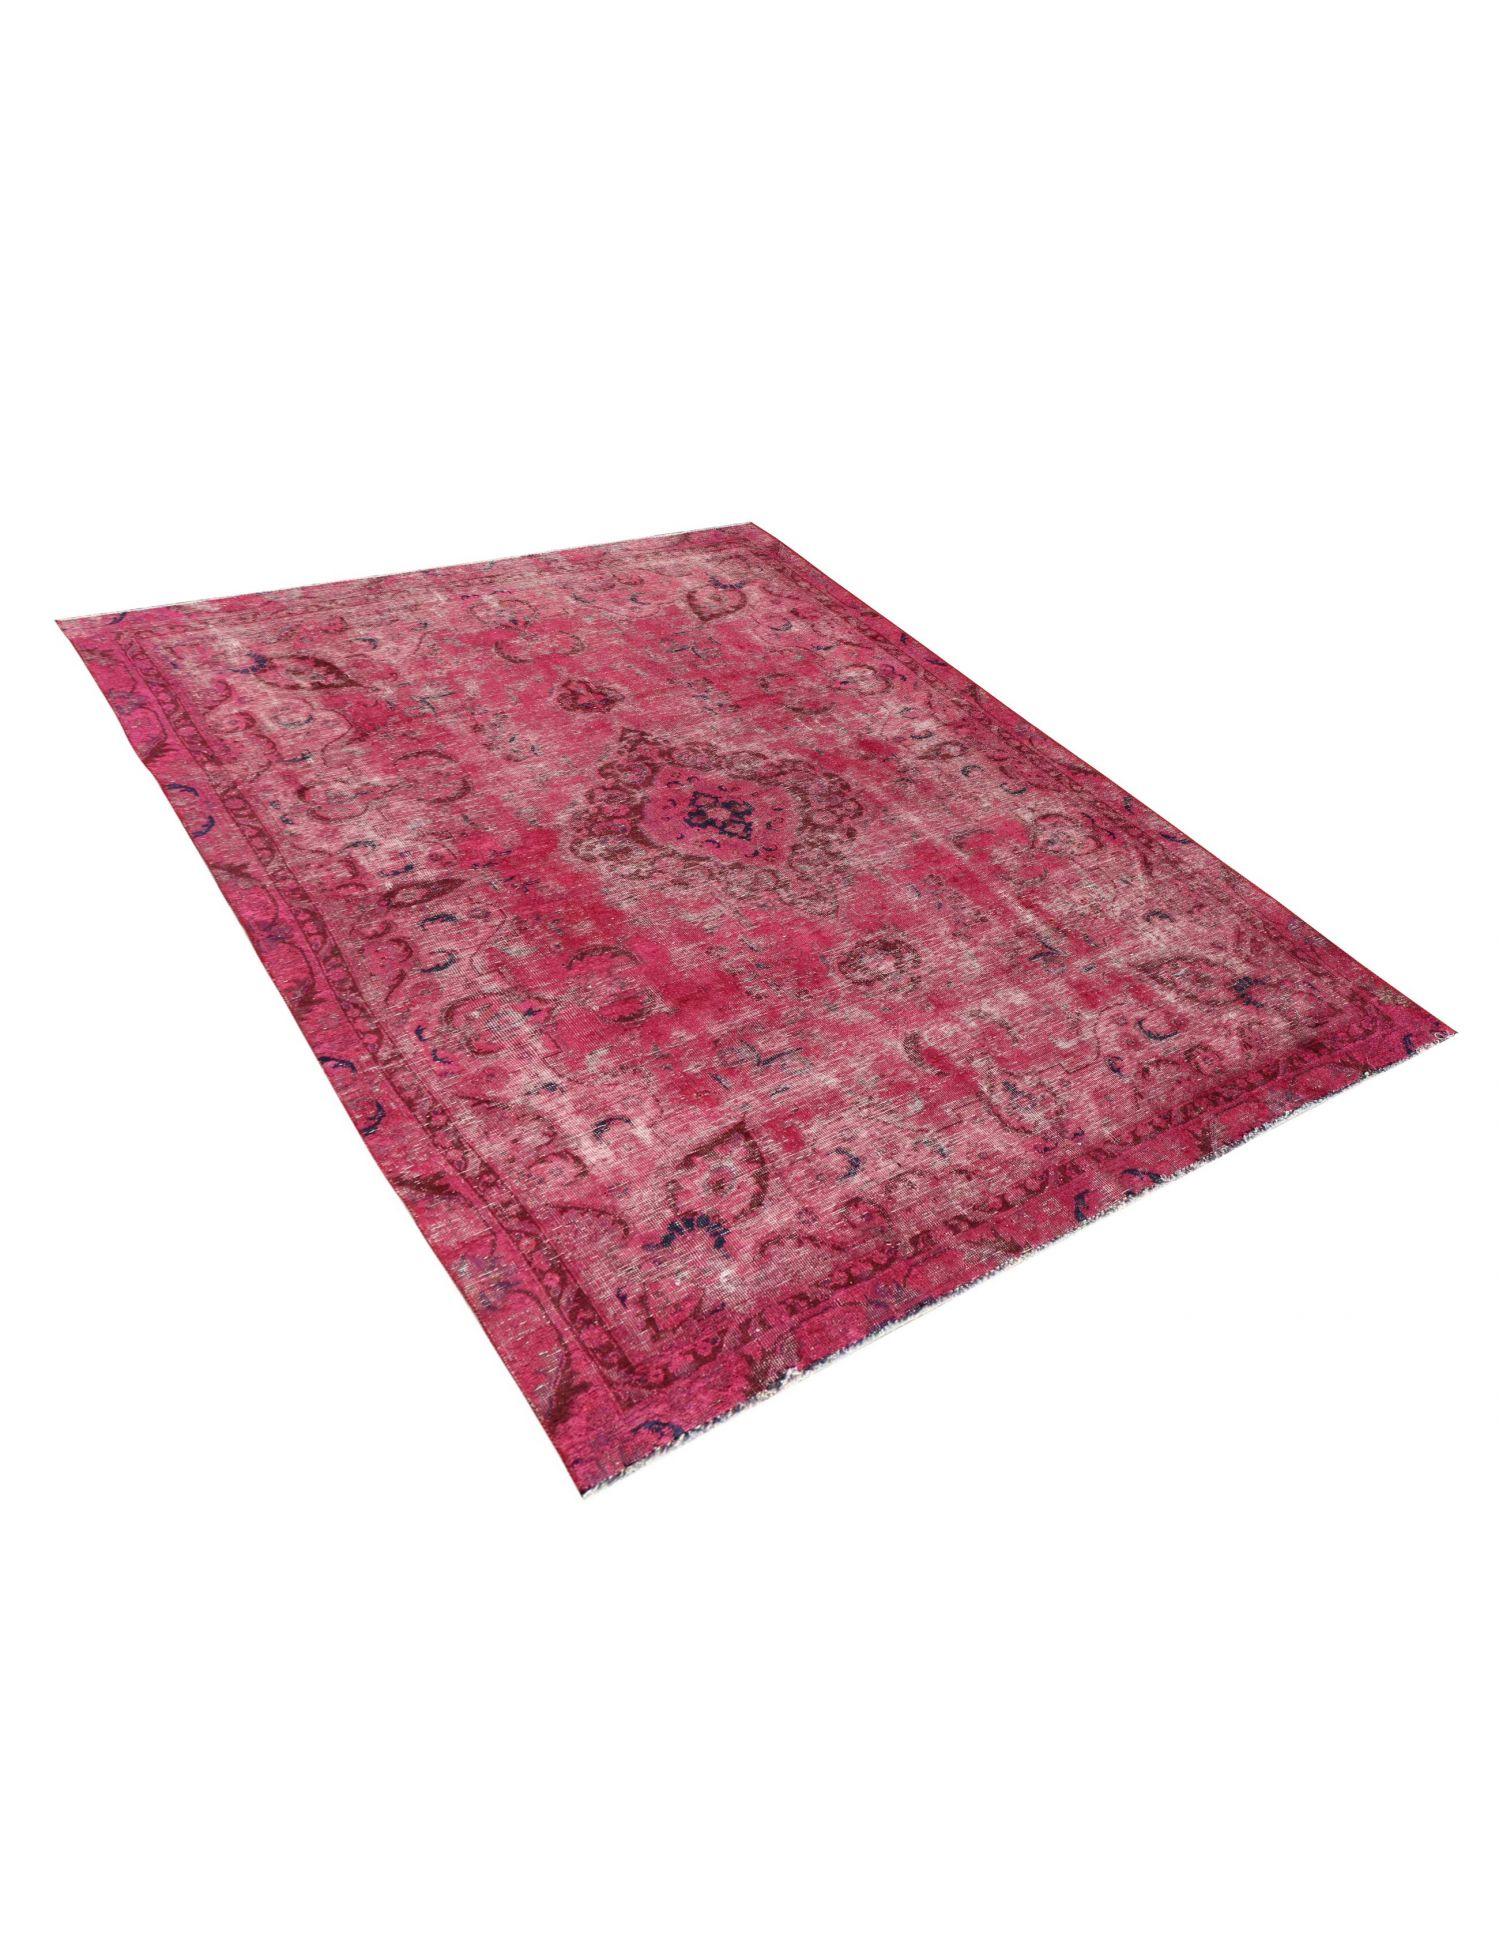 Persischer Vintage Teppich  rot <br/>307 x 206 cm